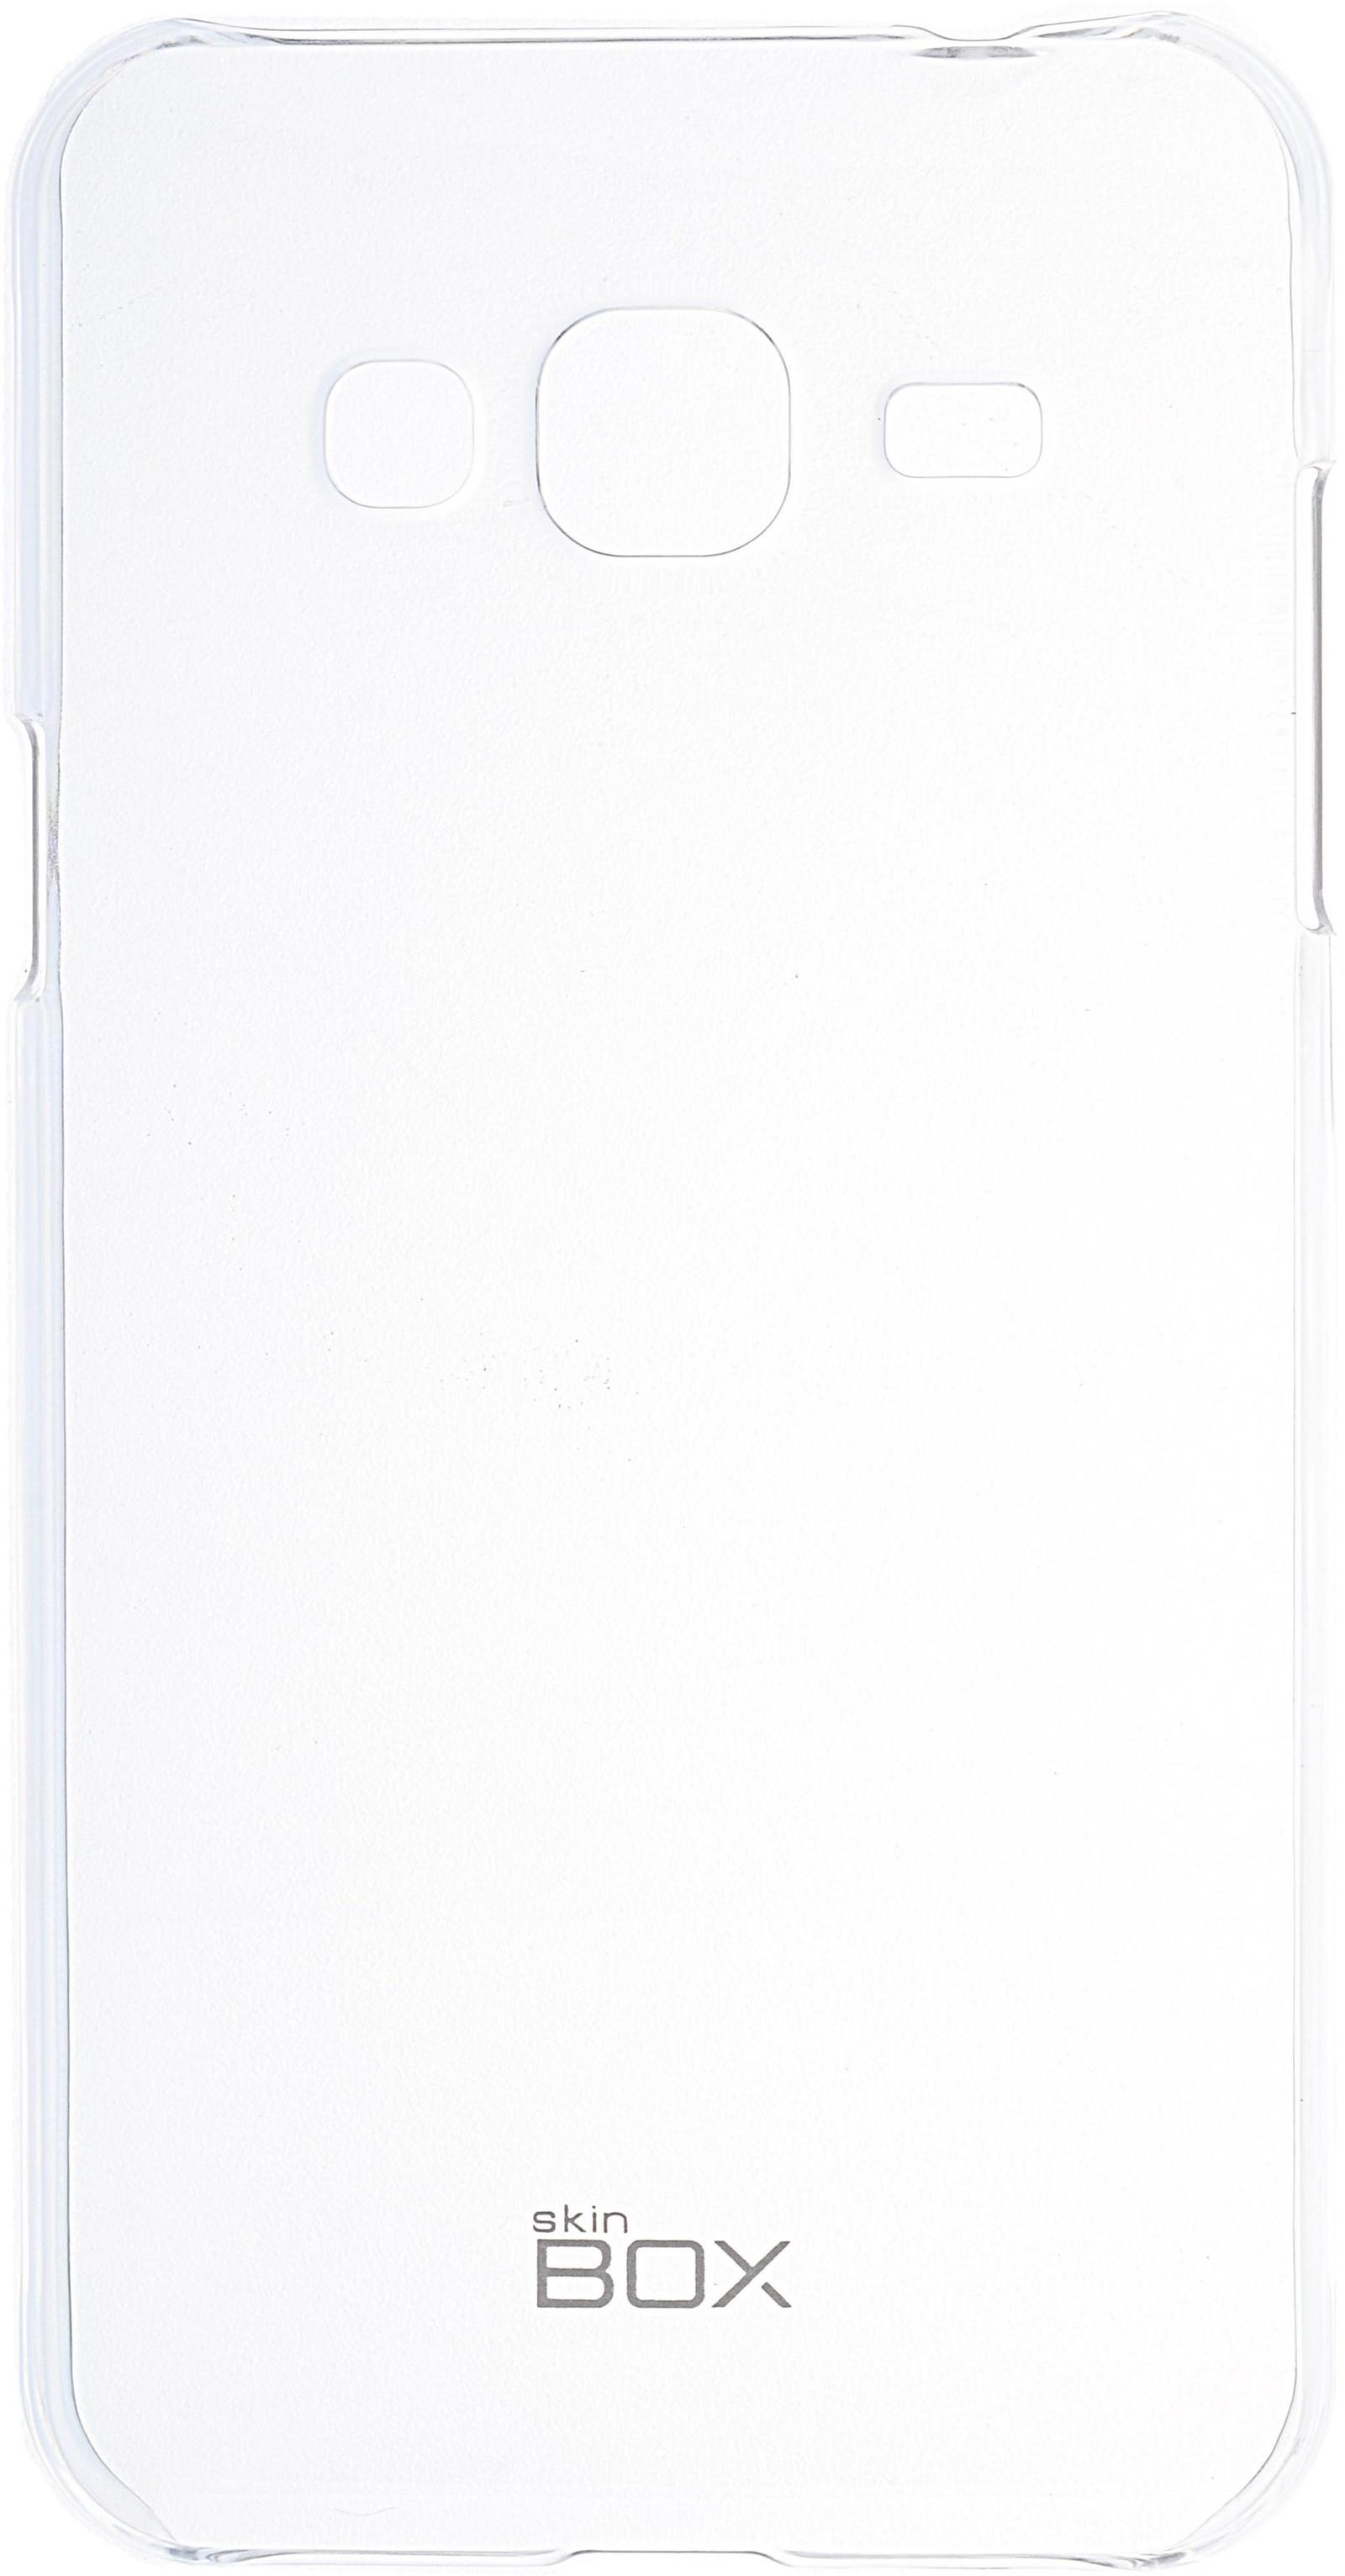 Чехол для сотового телефона skinBOX Crystal, 4660041407419, прозрачный чехол для сотового телефона skinbox crystal 4630042528109 прозрачный